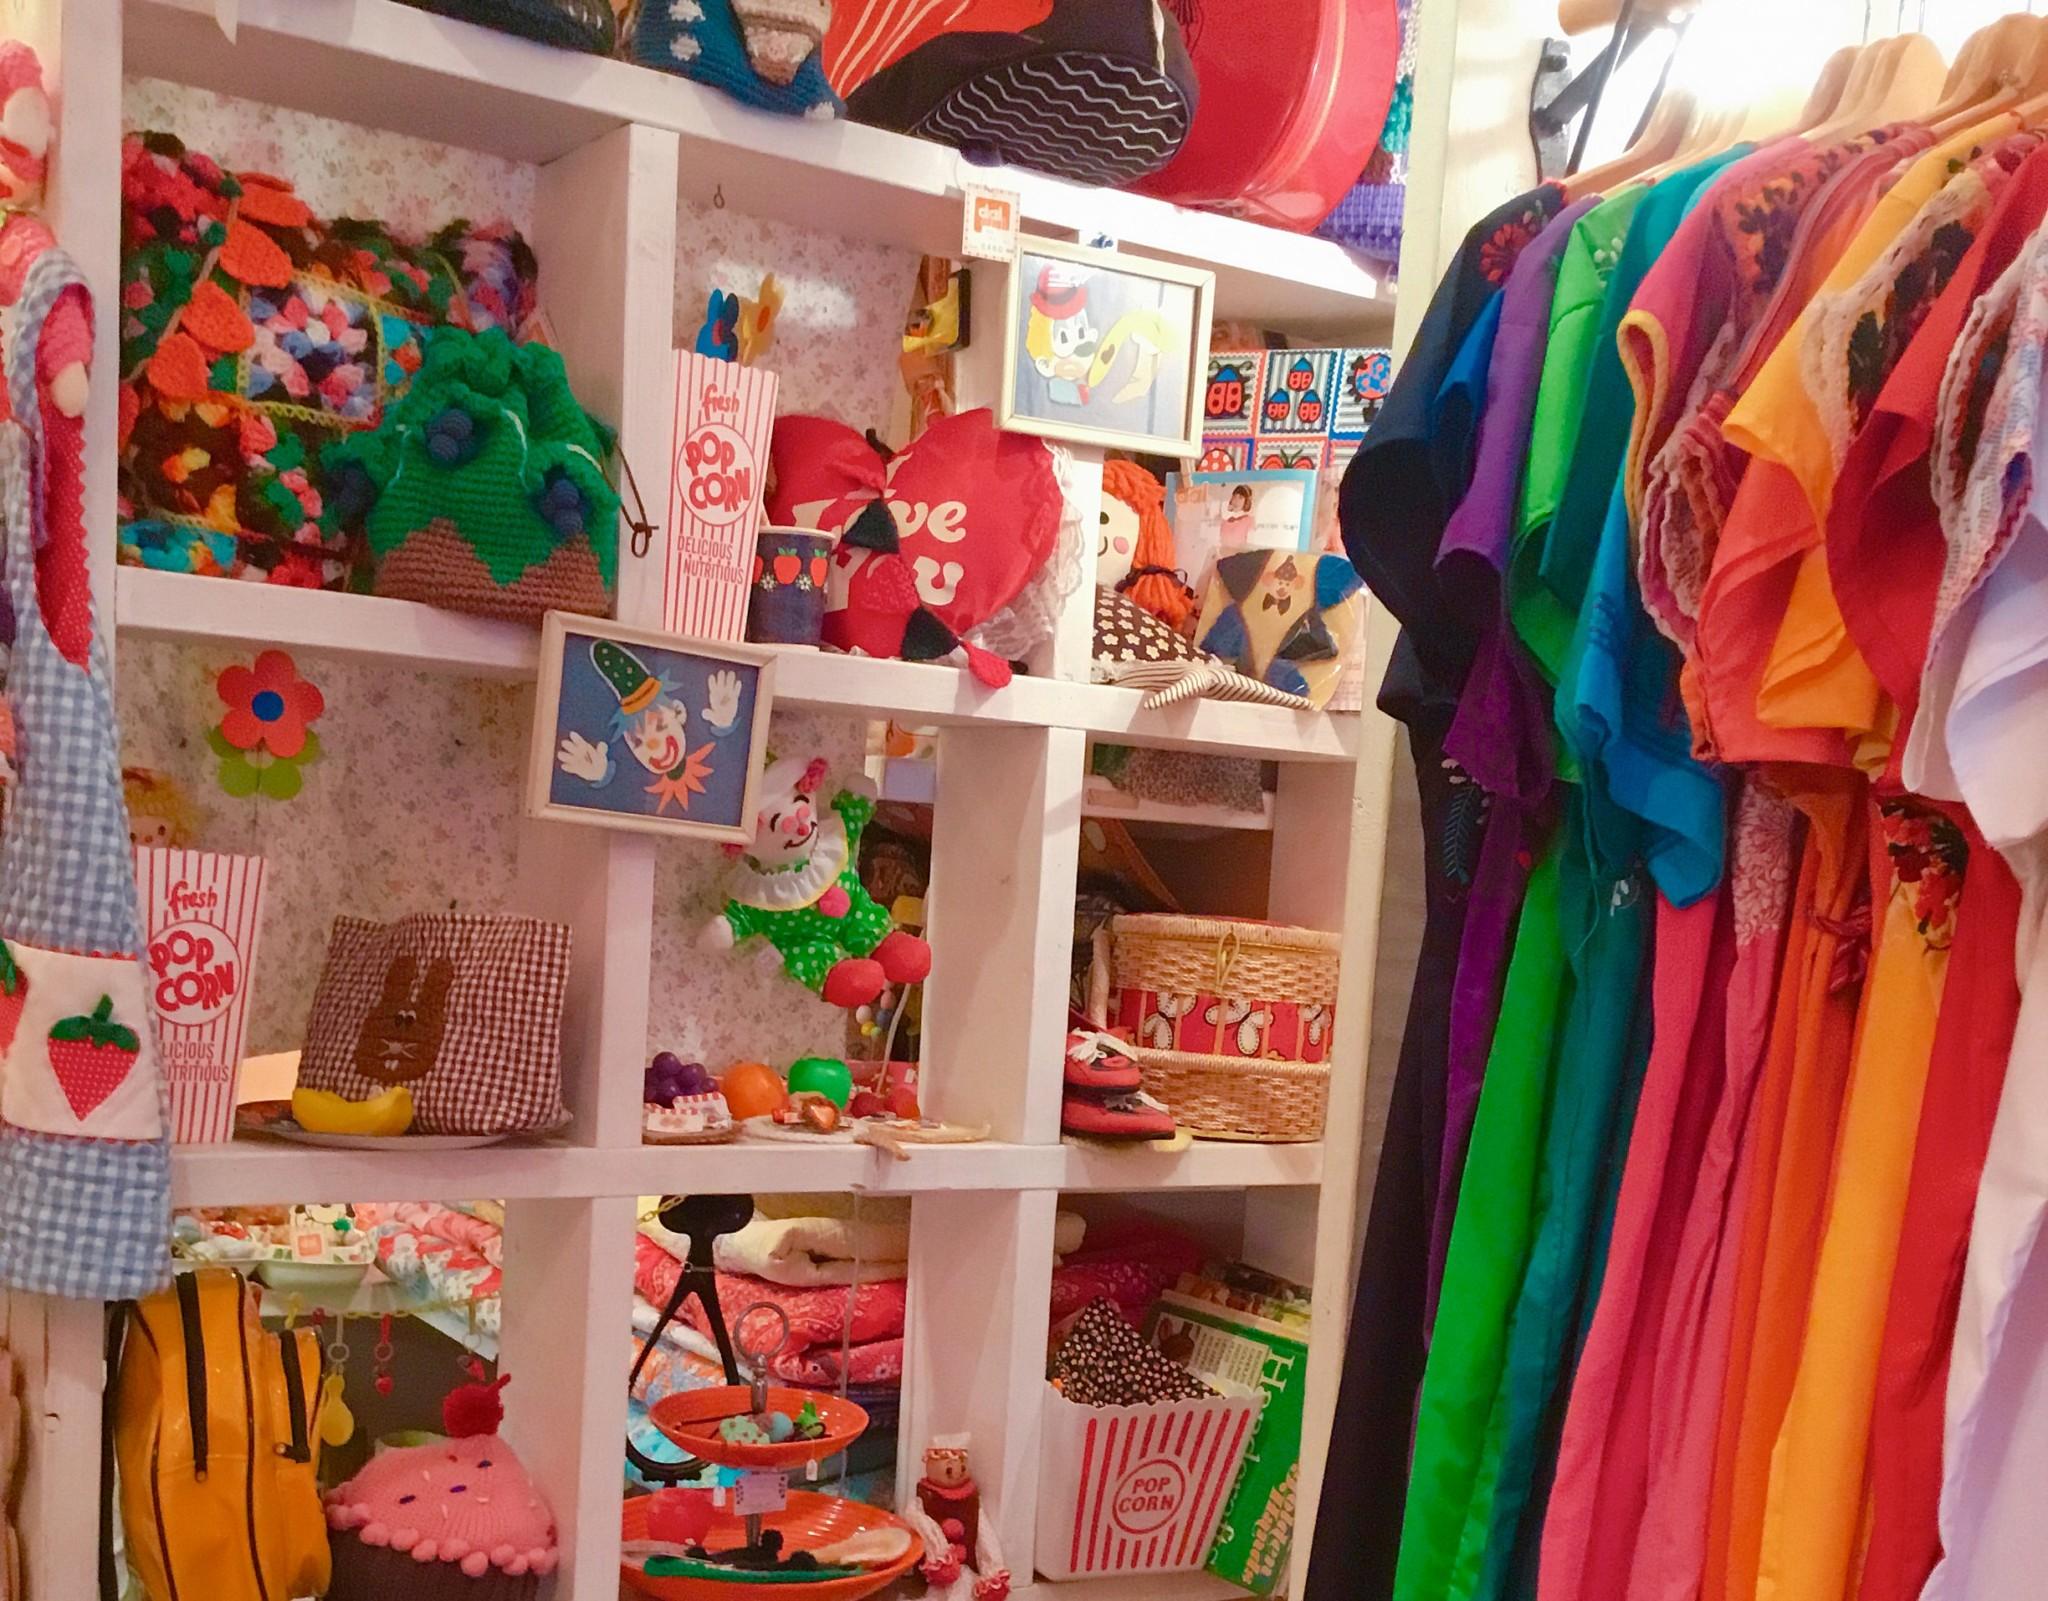 POPでレトロな店内にワクワクしちゃう♡高円寺の古着屋『daidai』